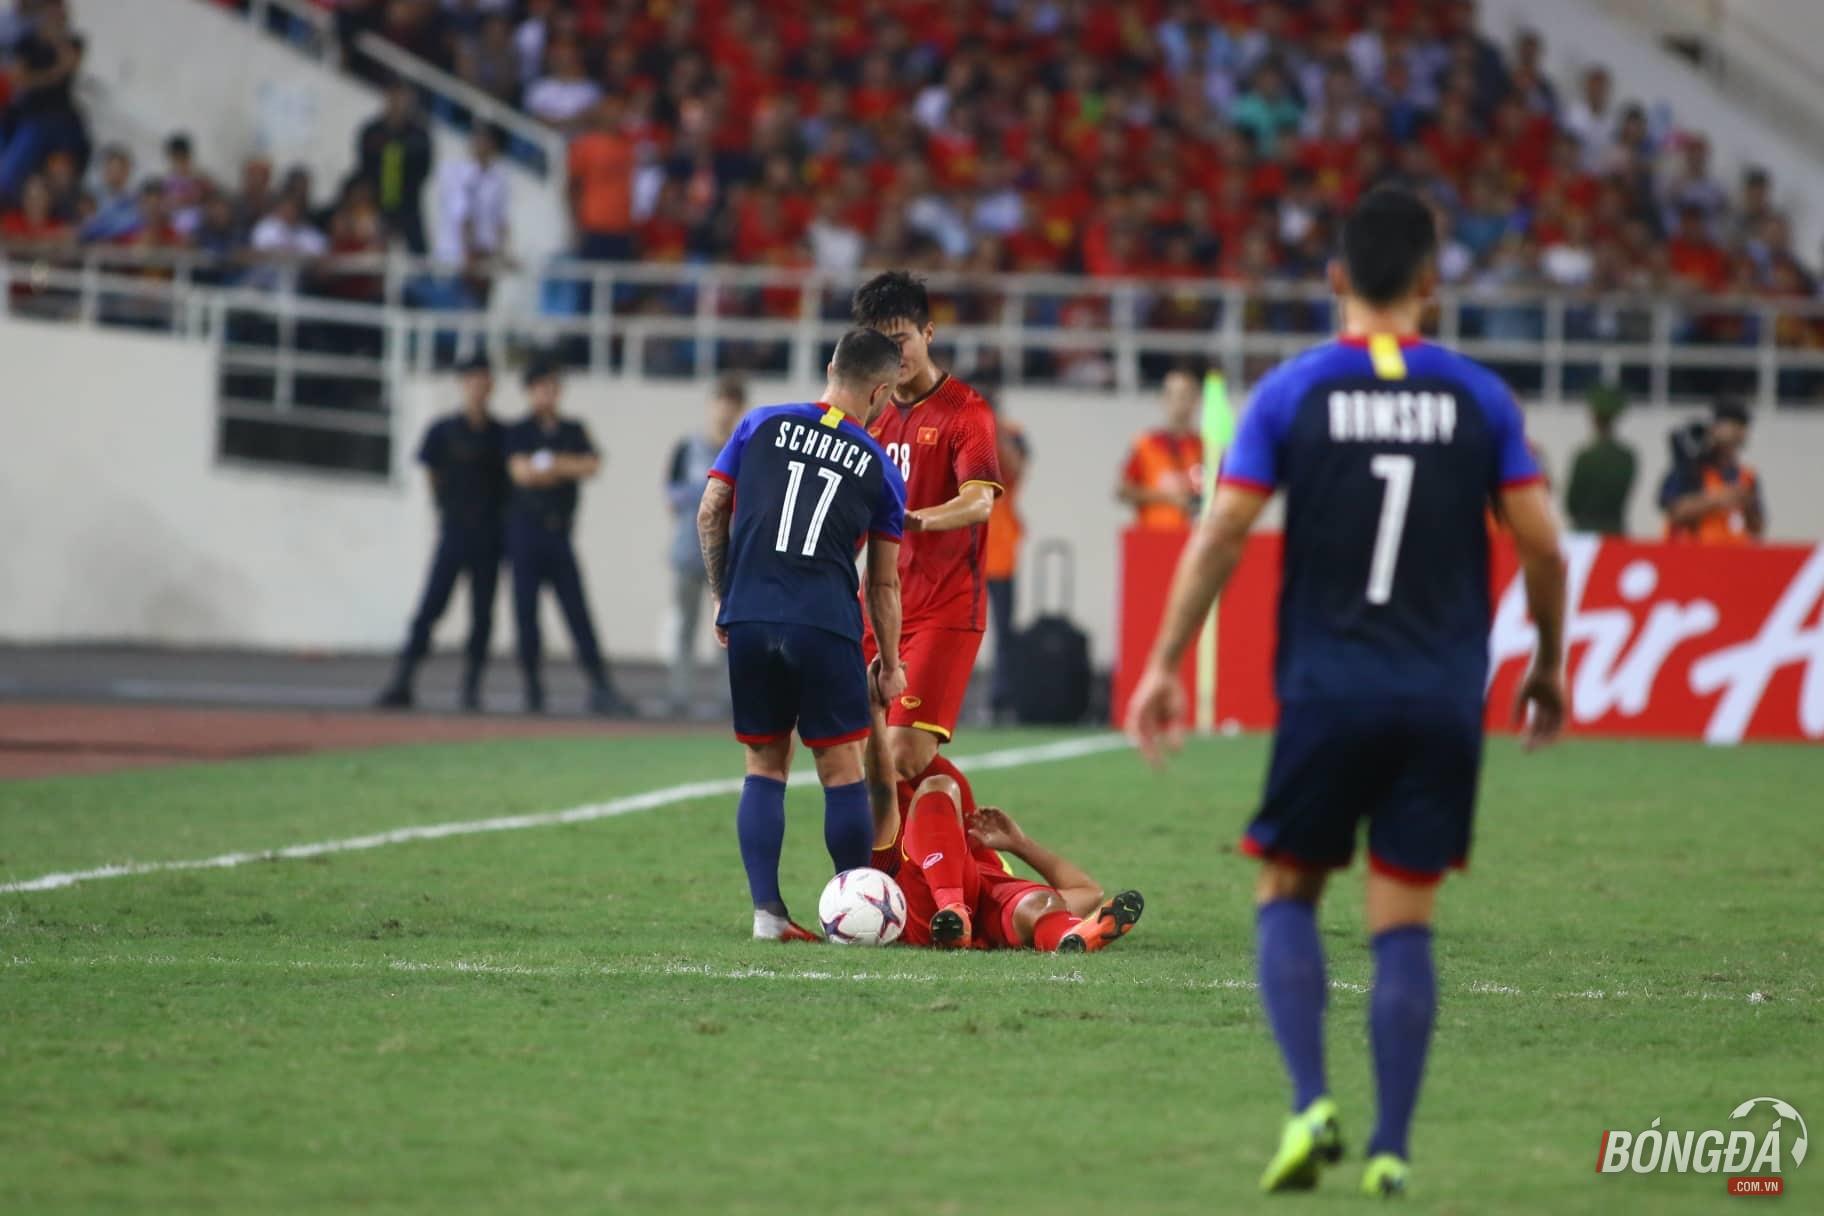 TRỰC TIẾP ĐT Việt Nam 0-0 ĐT Philippines: Đội khách chơi quá rắn - Bóng Đá